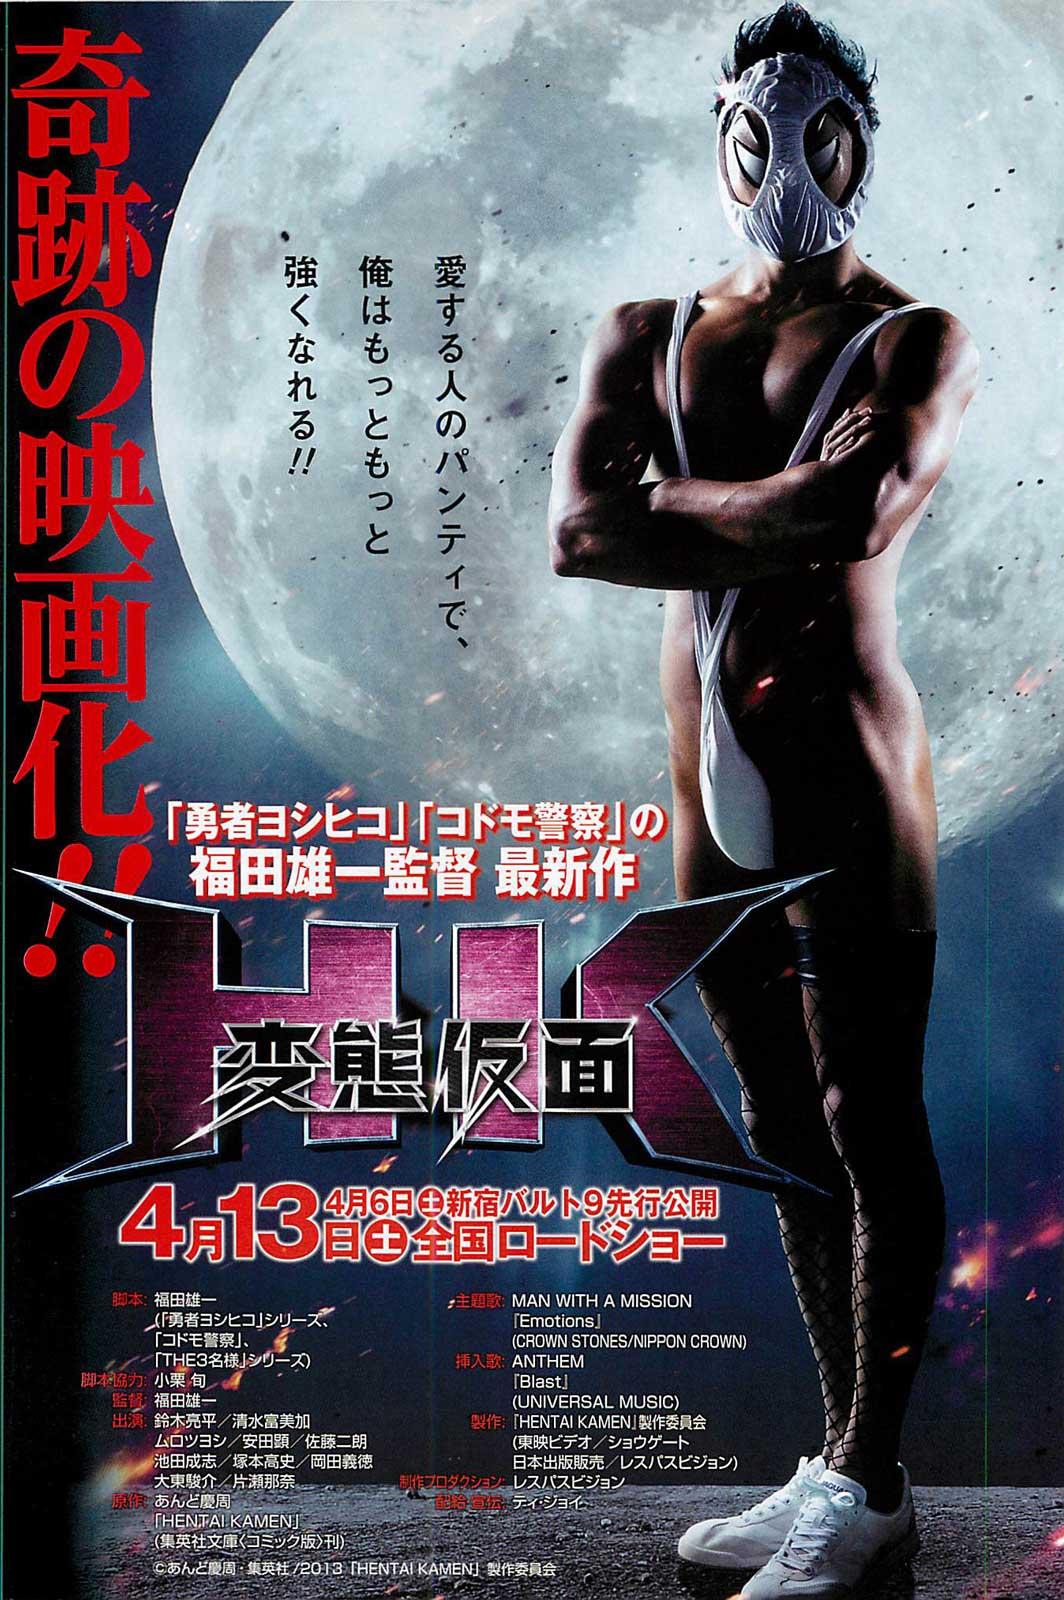 HK Hentai Kamen (2013) เทพบุตร หลุดโลก (ซับไทย)